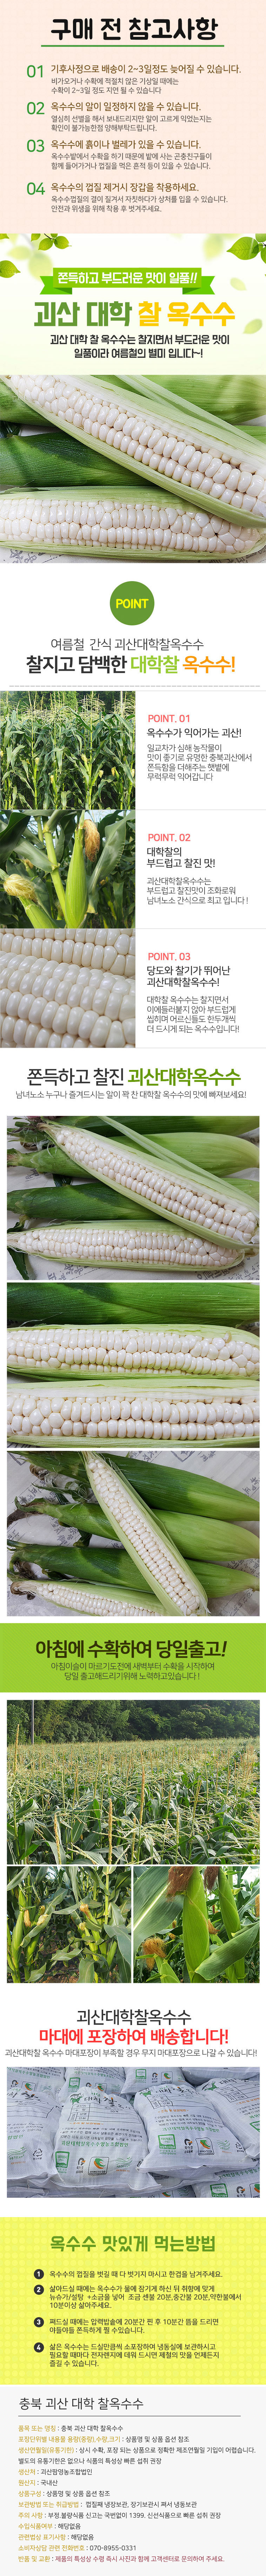 GS_corn.jpg